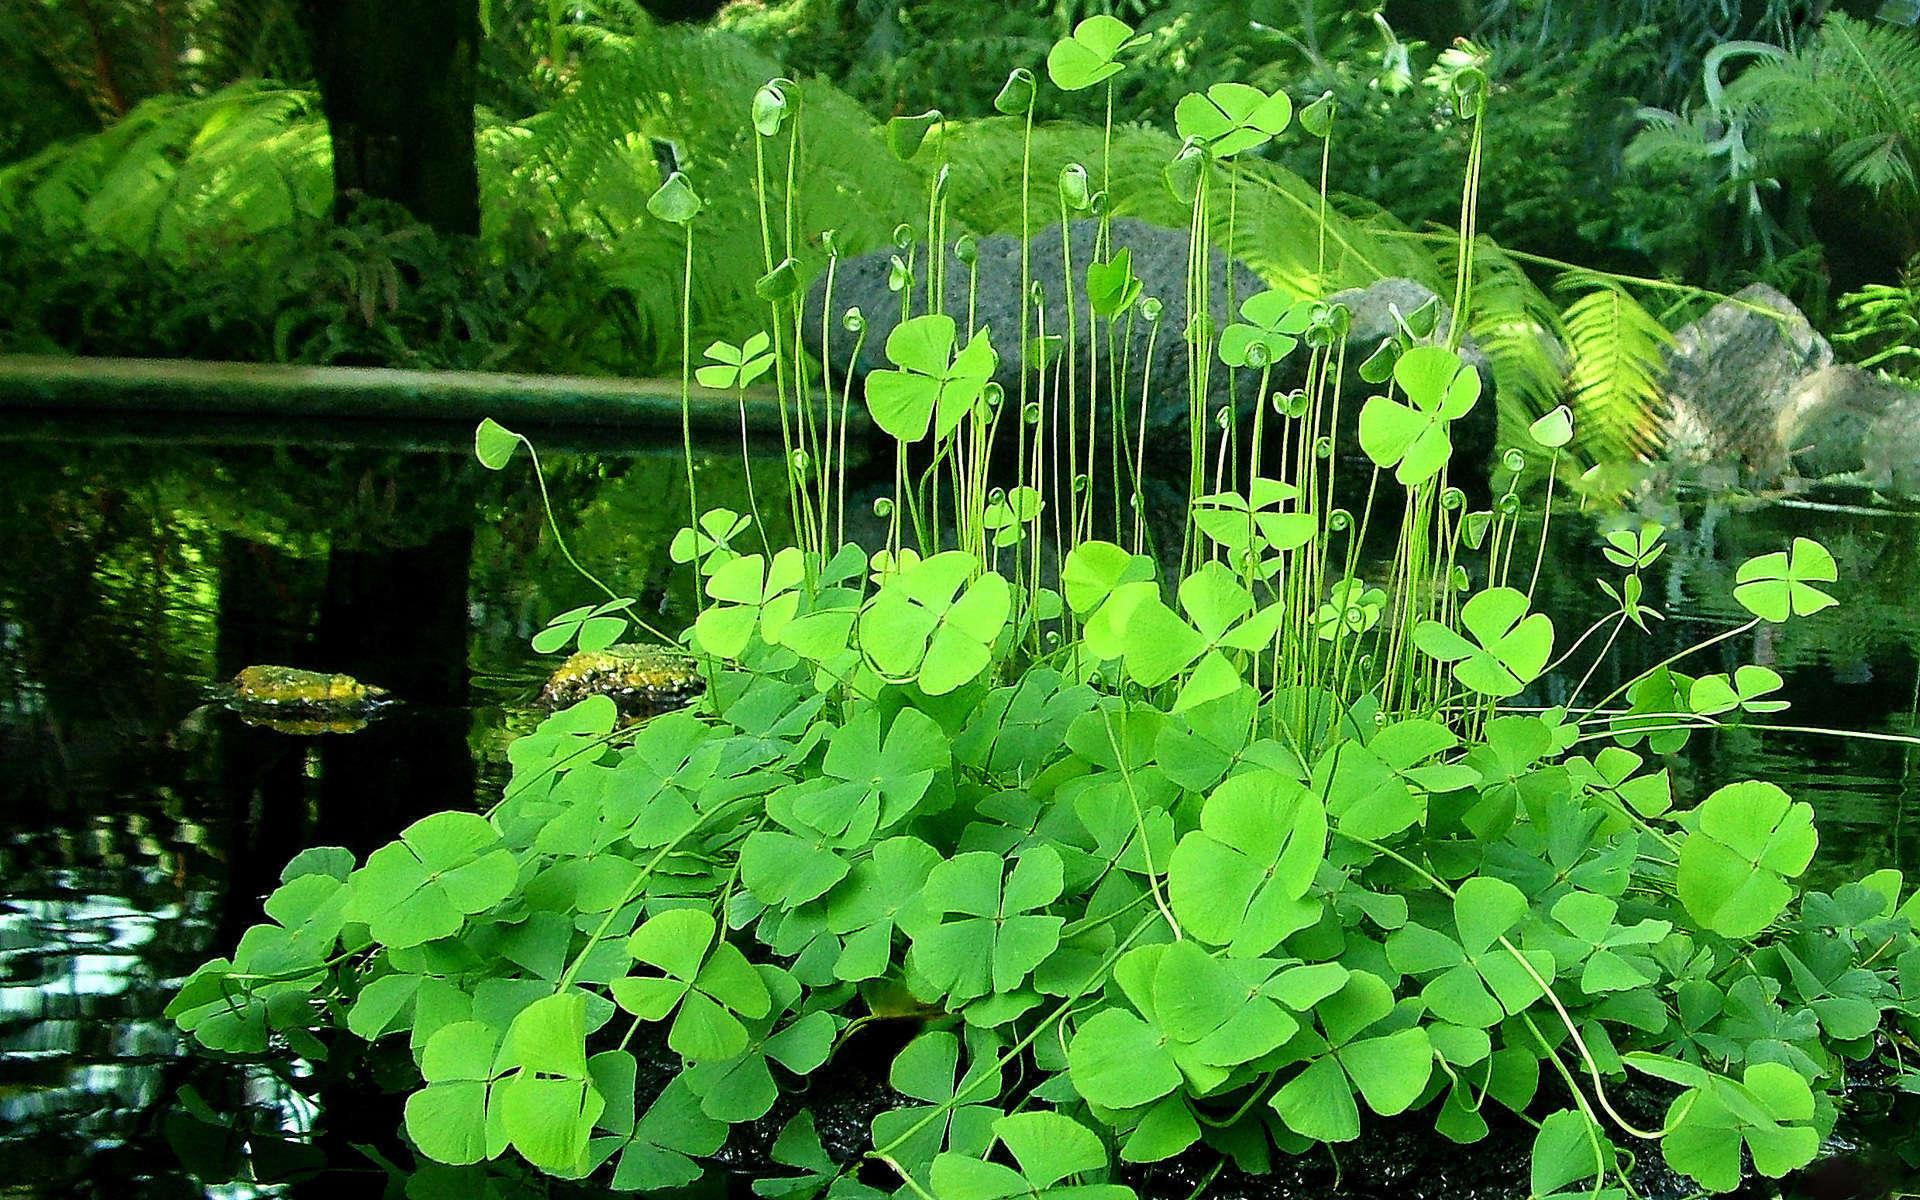 Marsilée à quatre feuilles (Crédits: kkmarais - Flickr)